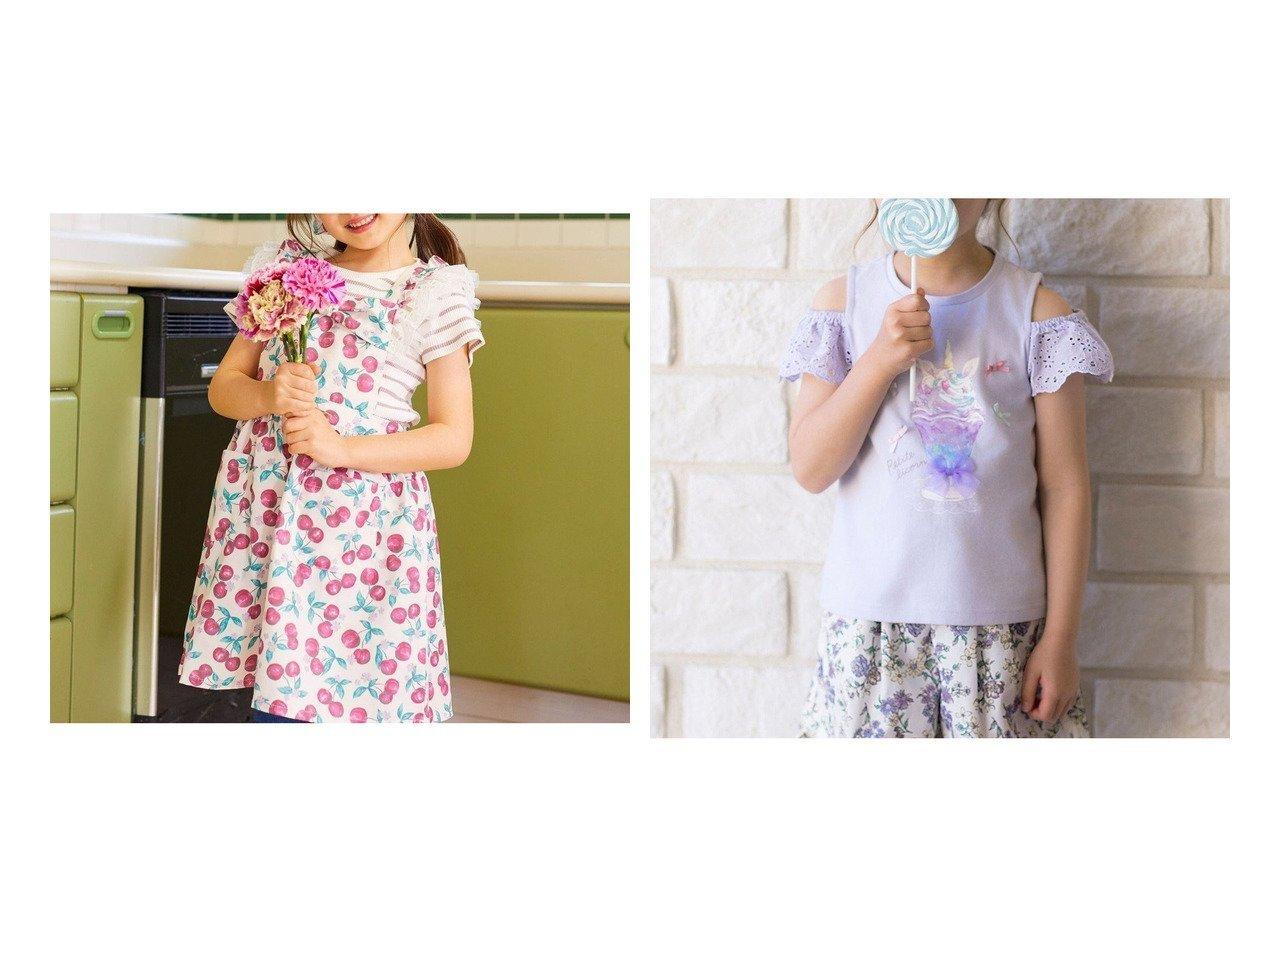 【anyFAM / KIDS/エニファム】の三角巾付き キッズエプロン&接触冷感オンオフショルダー Tシャツ 【KIDS】子供服のおすすめ!人気トレンド・キッズファッションの通販 おすすめで人気の流行・トレンド、ファッションの通販商品 インテリア・家具・メンズファッション・キッズファッション・レディースファッション・服の通販 founy(ファニー) https://founy.com/ ファッション Fashion キッズファッション KIDS トップス・カットソー Tops/Tees/Kids オフショルダー カットソー カラフル 切替 人気 プリント 送料無料 Free Shipping  ID:crp329100000044551